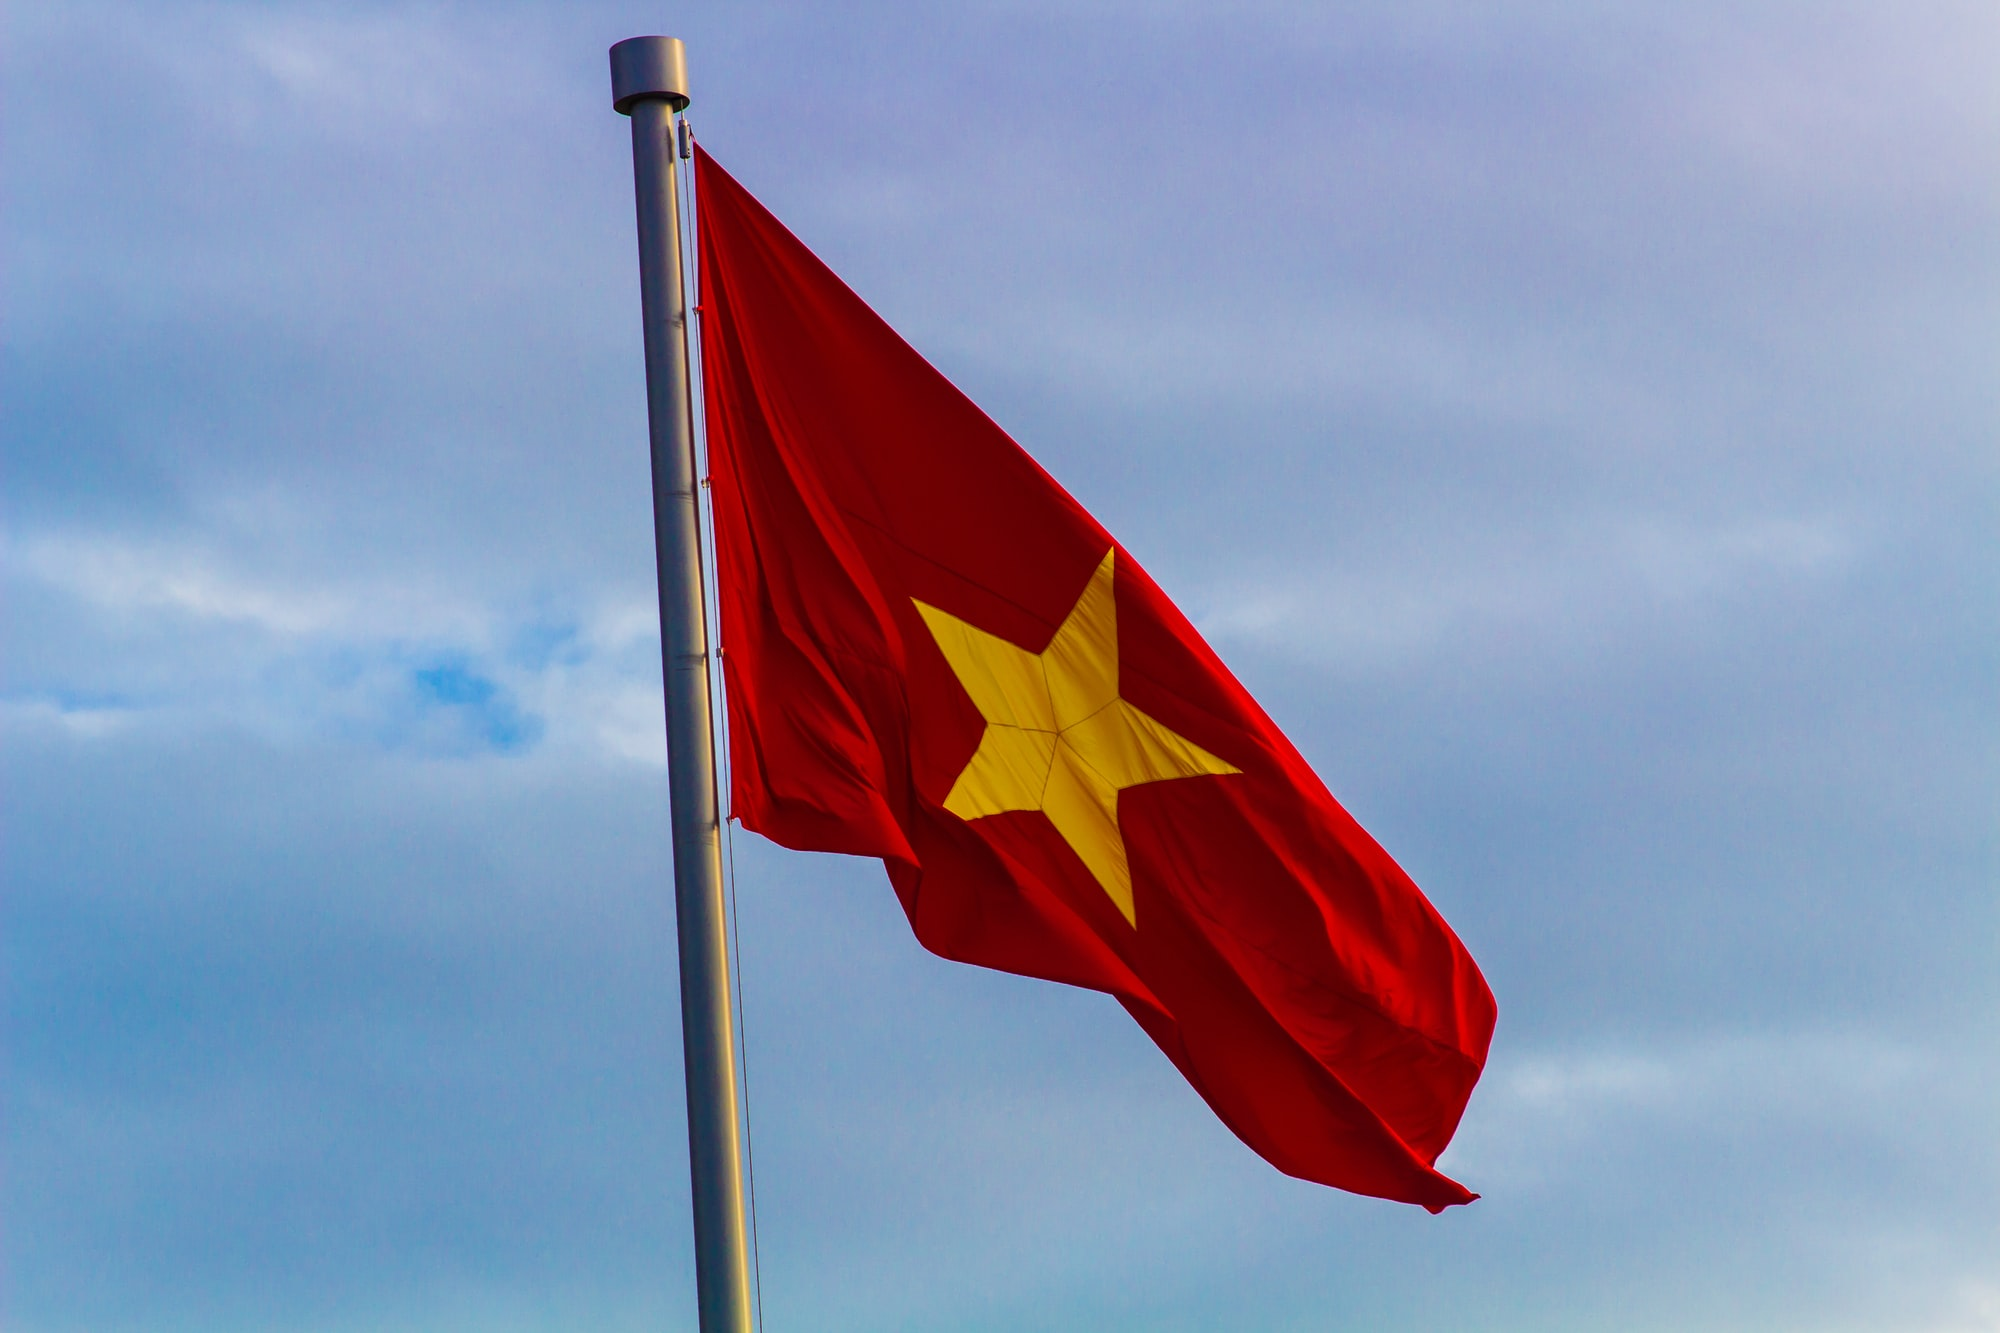 เวียดนามหวังจะก้าวมาเป็น Top 50 ของโลก!